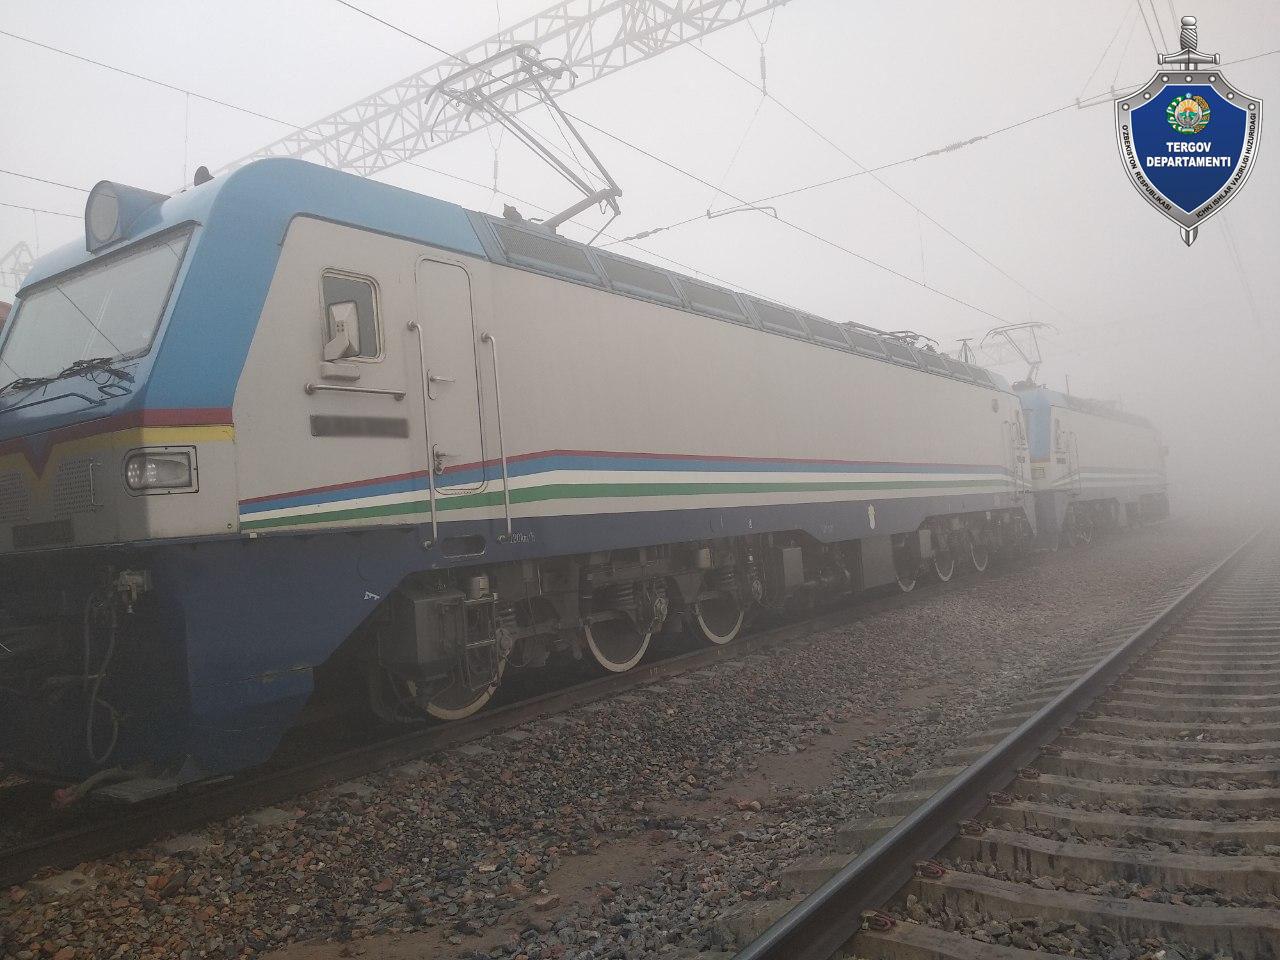 В Наманганской области поезд переехал пешехода. Пожилой мужчина скончался